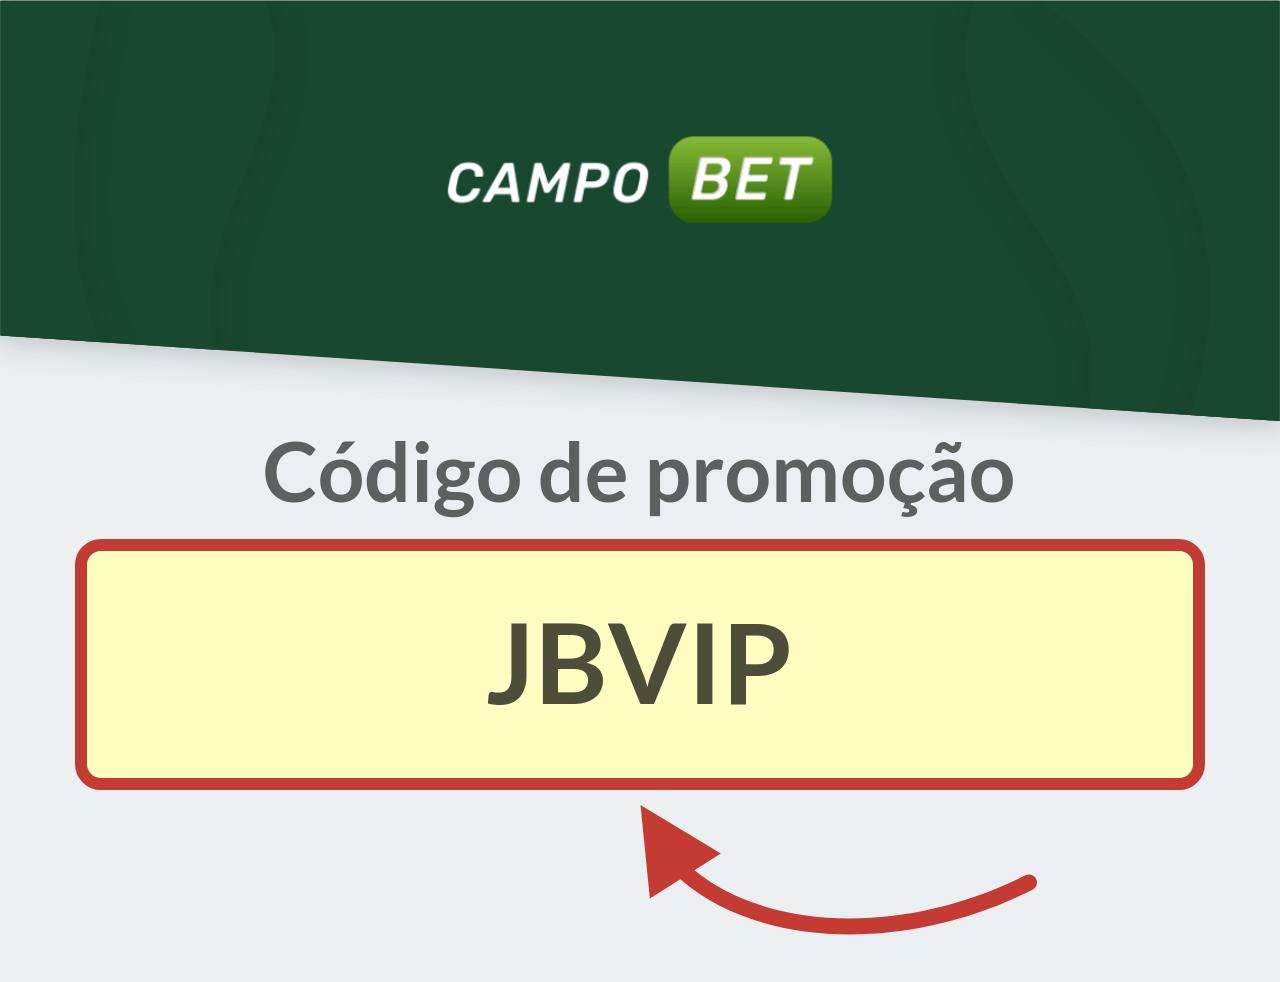 Código de promoção CampoBet